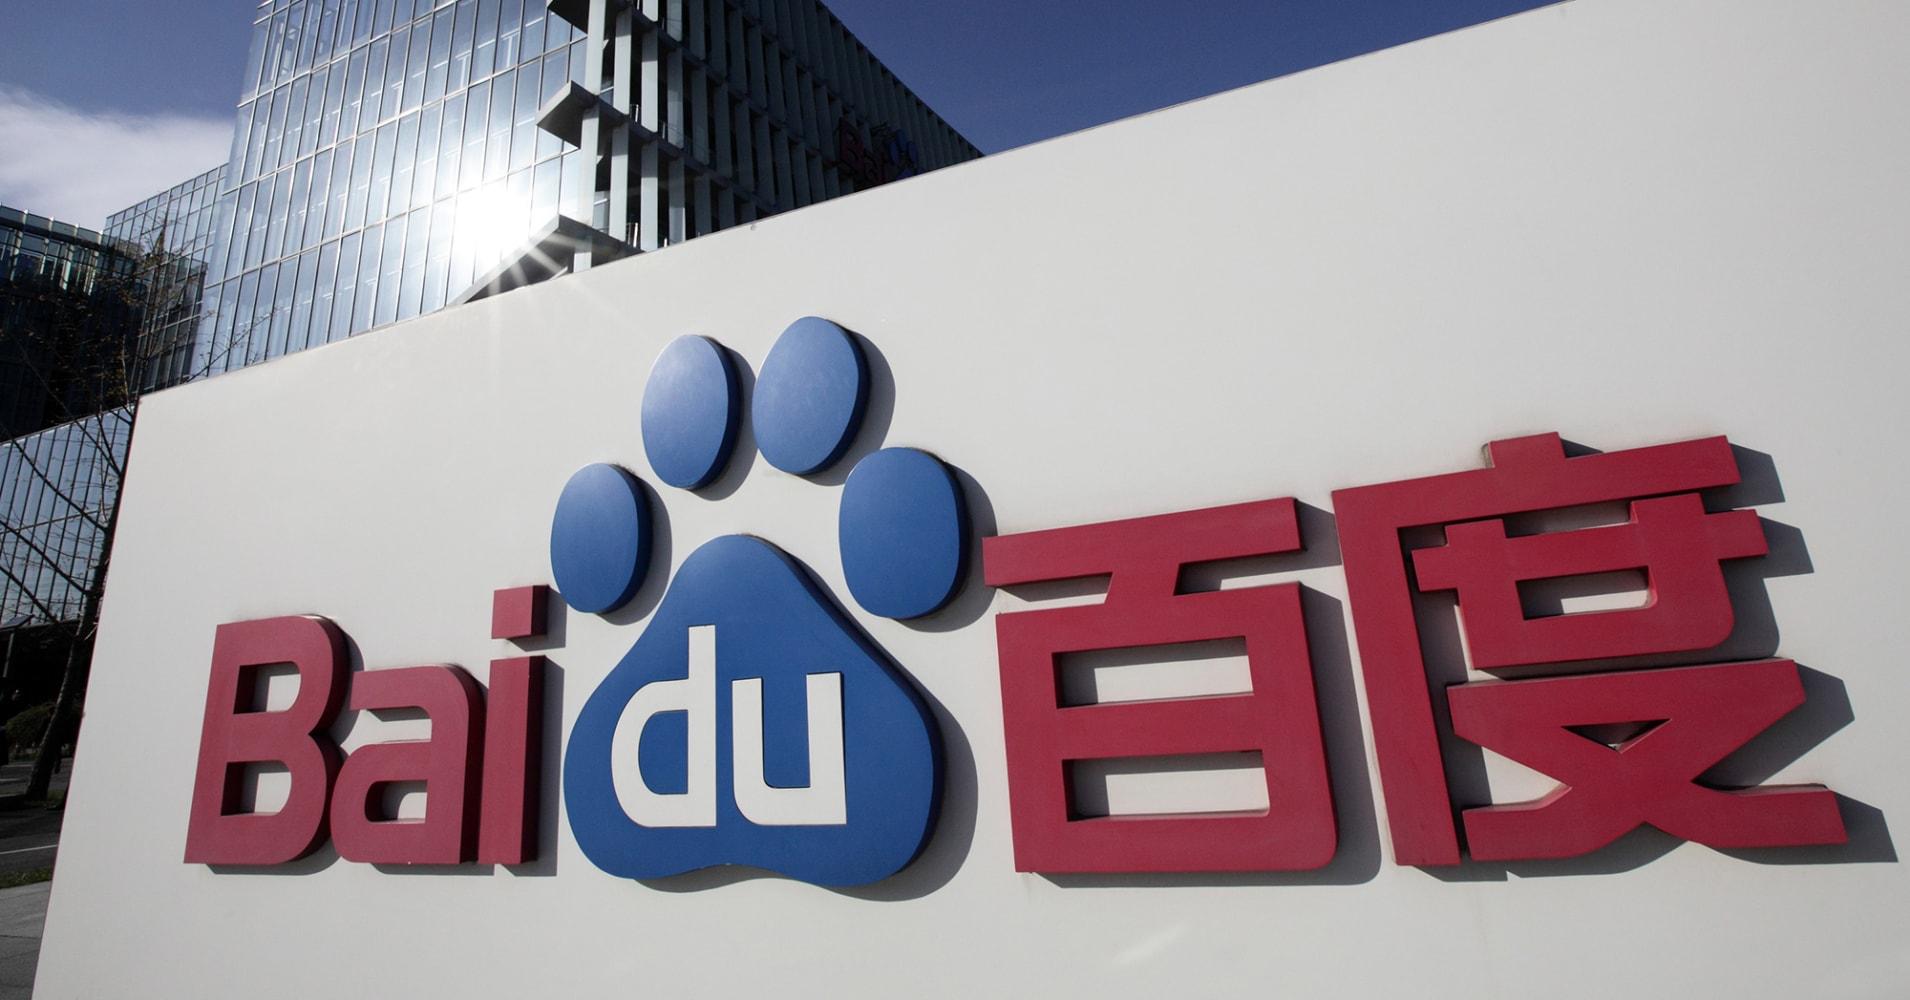 #互联网历史全知道#细数中国互联网当下的十大公司